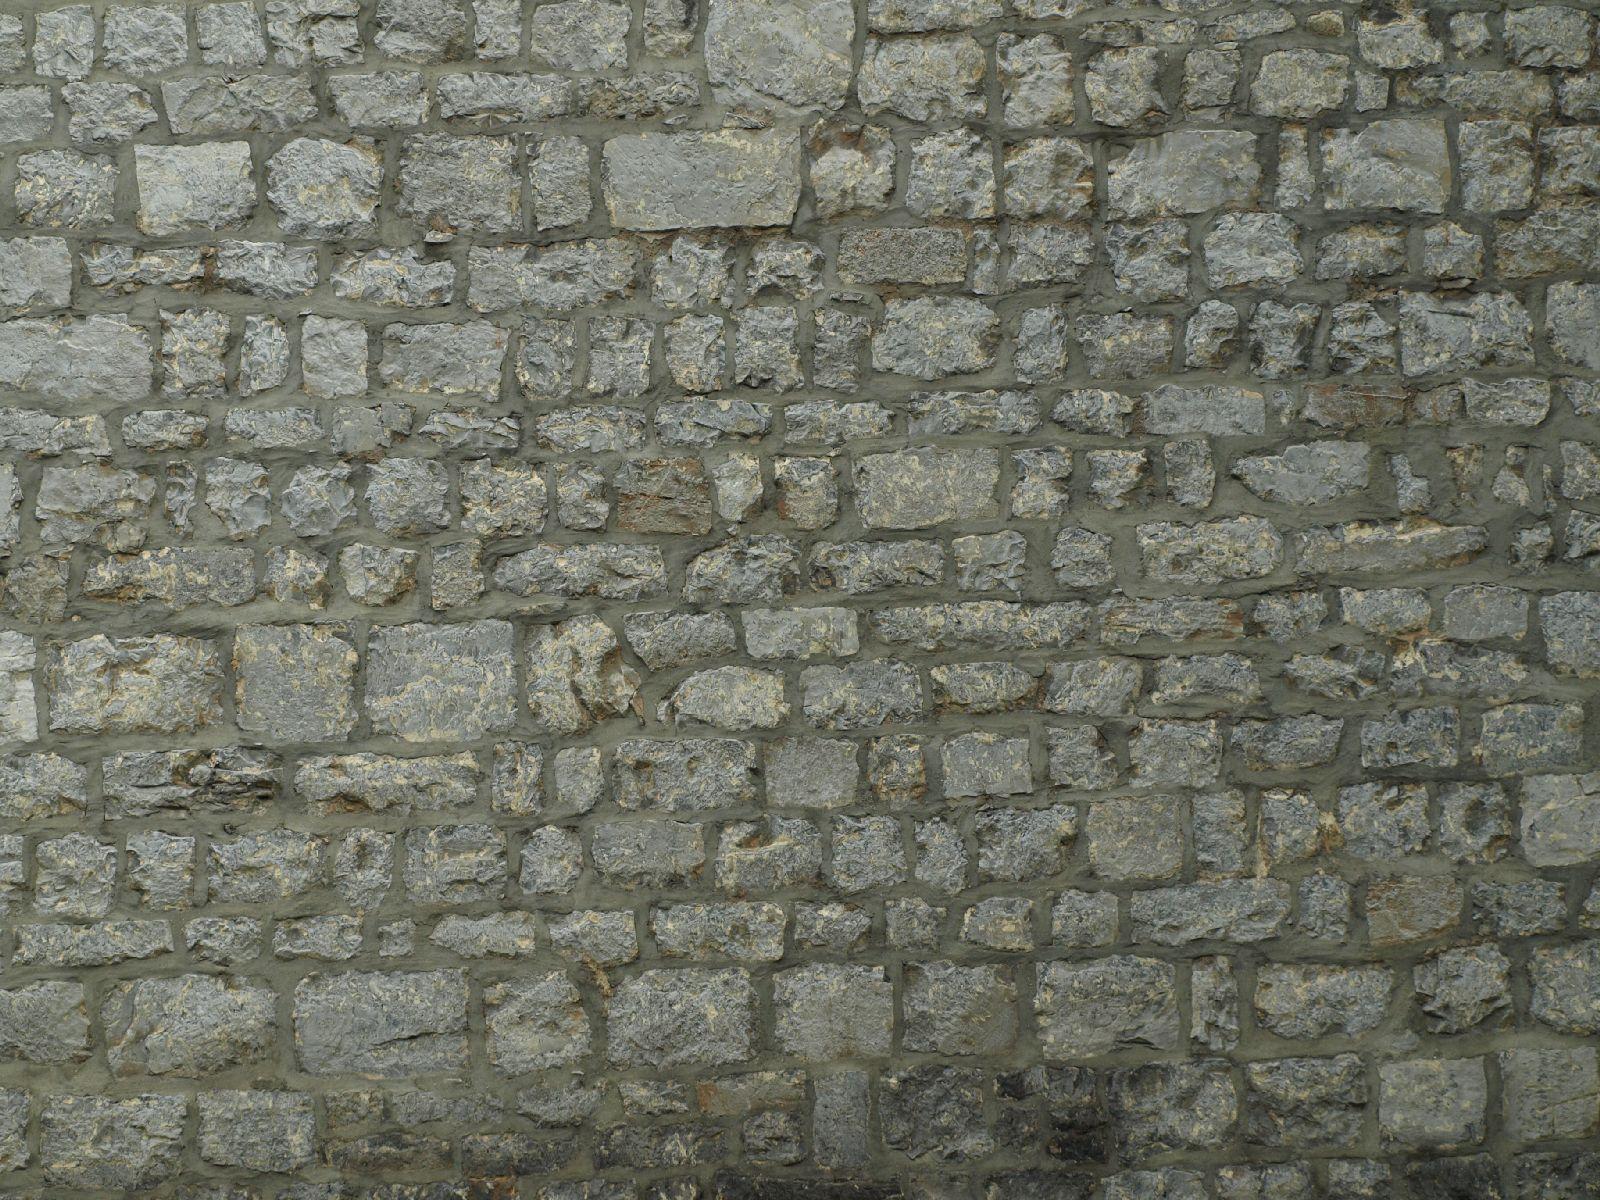 Brick_Texture_A_P8164416